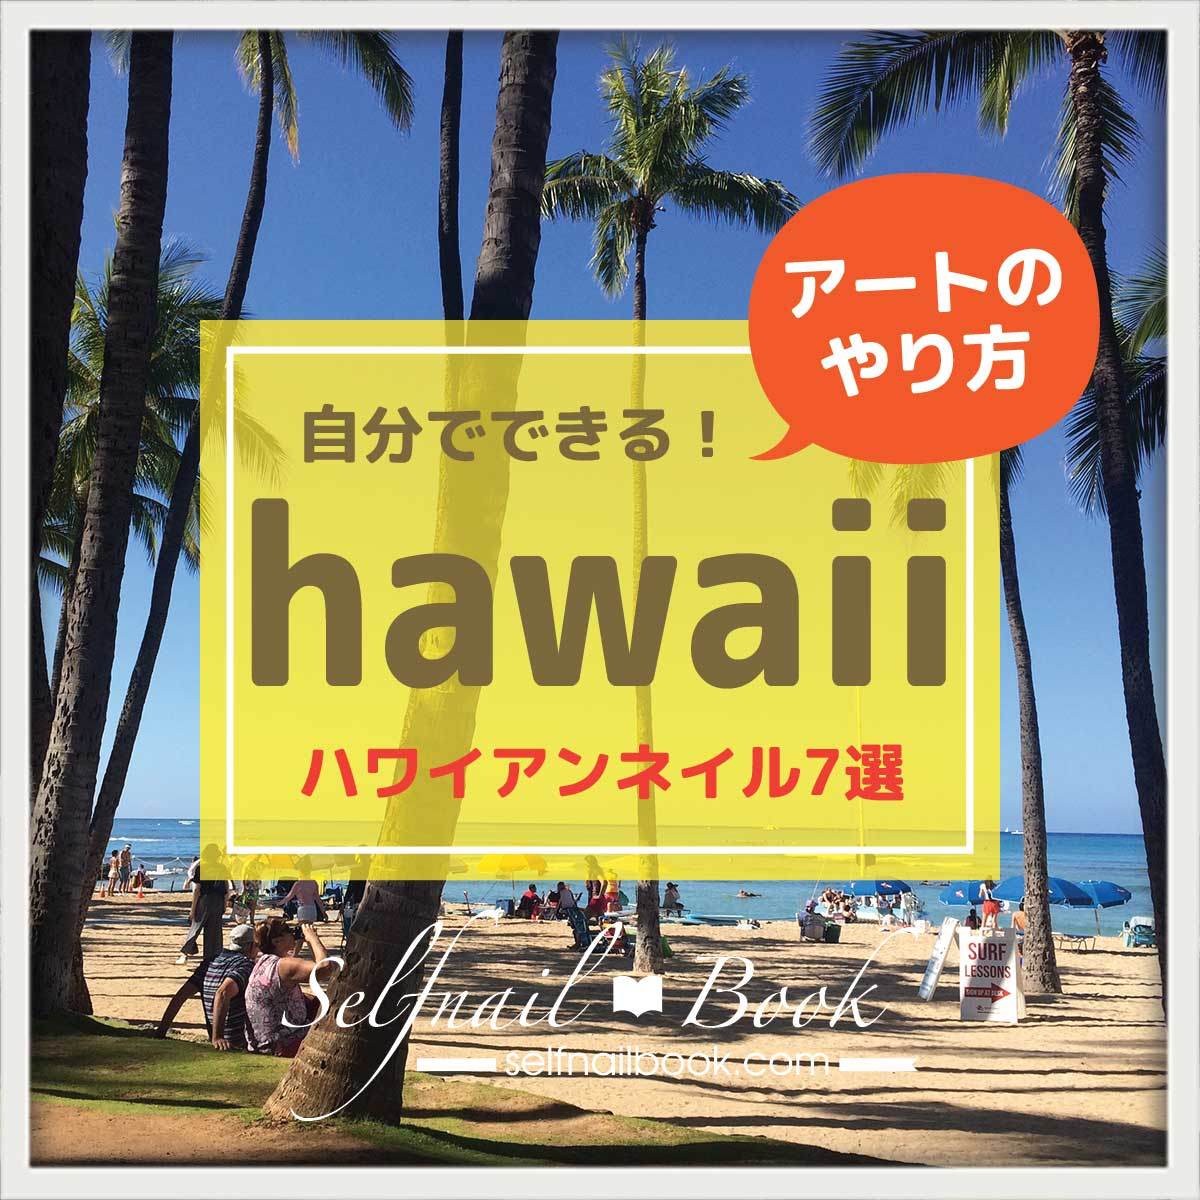 ハワイに映えるネイル7選!セルフでできるロコ感あふれるデザイン